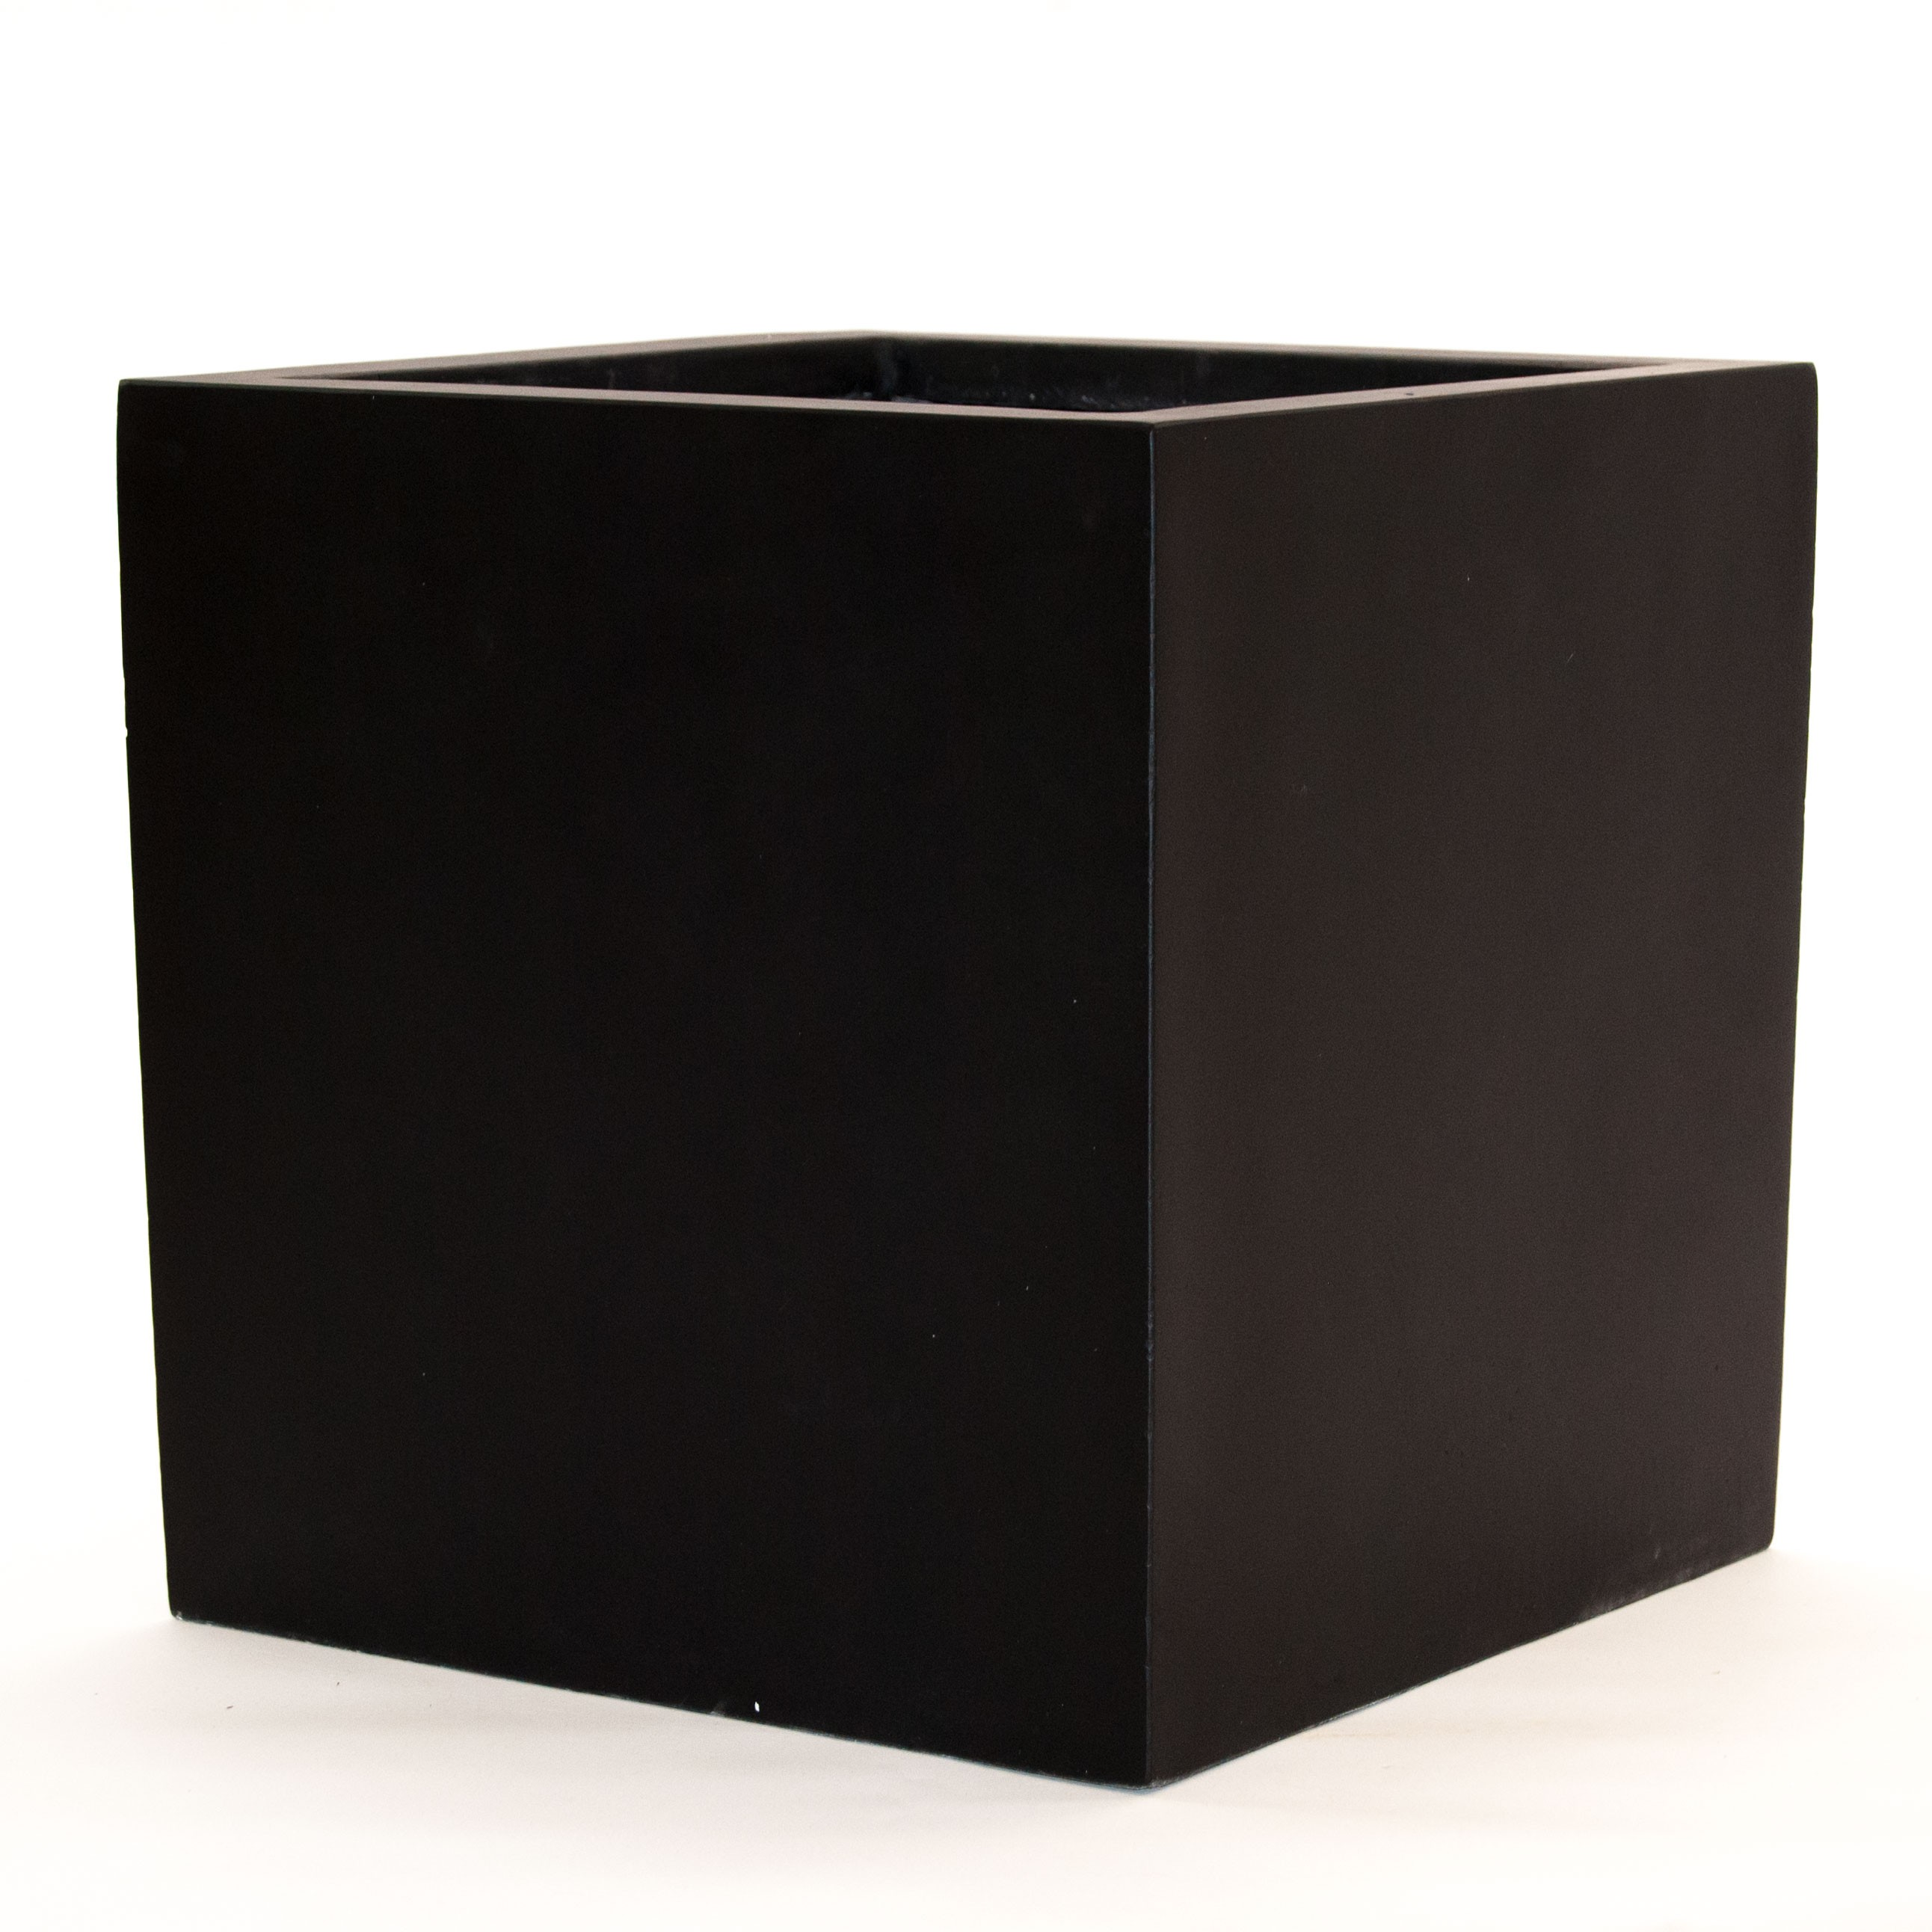 Pflanzk bel blumenk bel fiberglas quadratisch 80x80x80cm for Couchtisch 70x70 schwarz